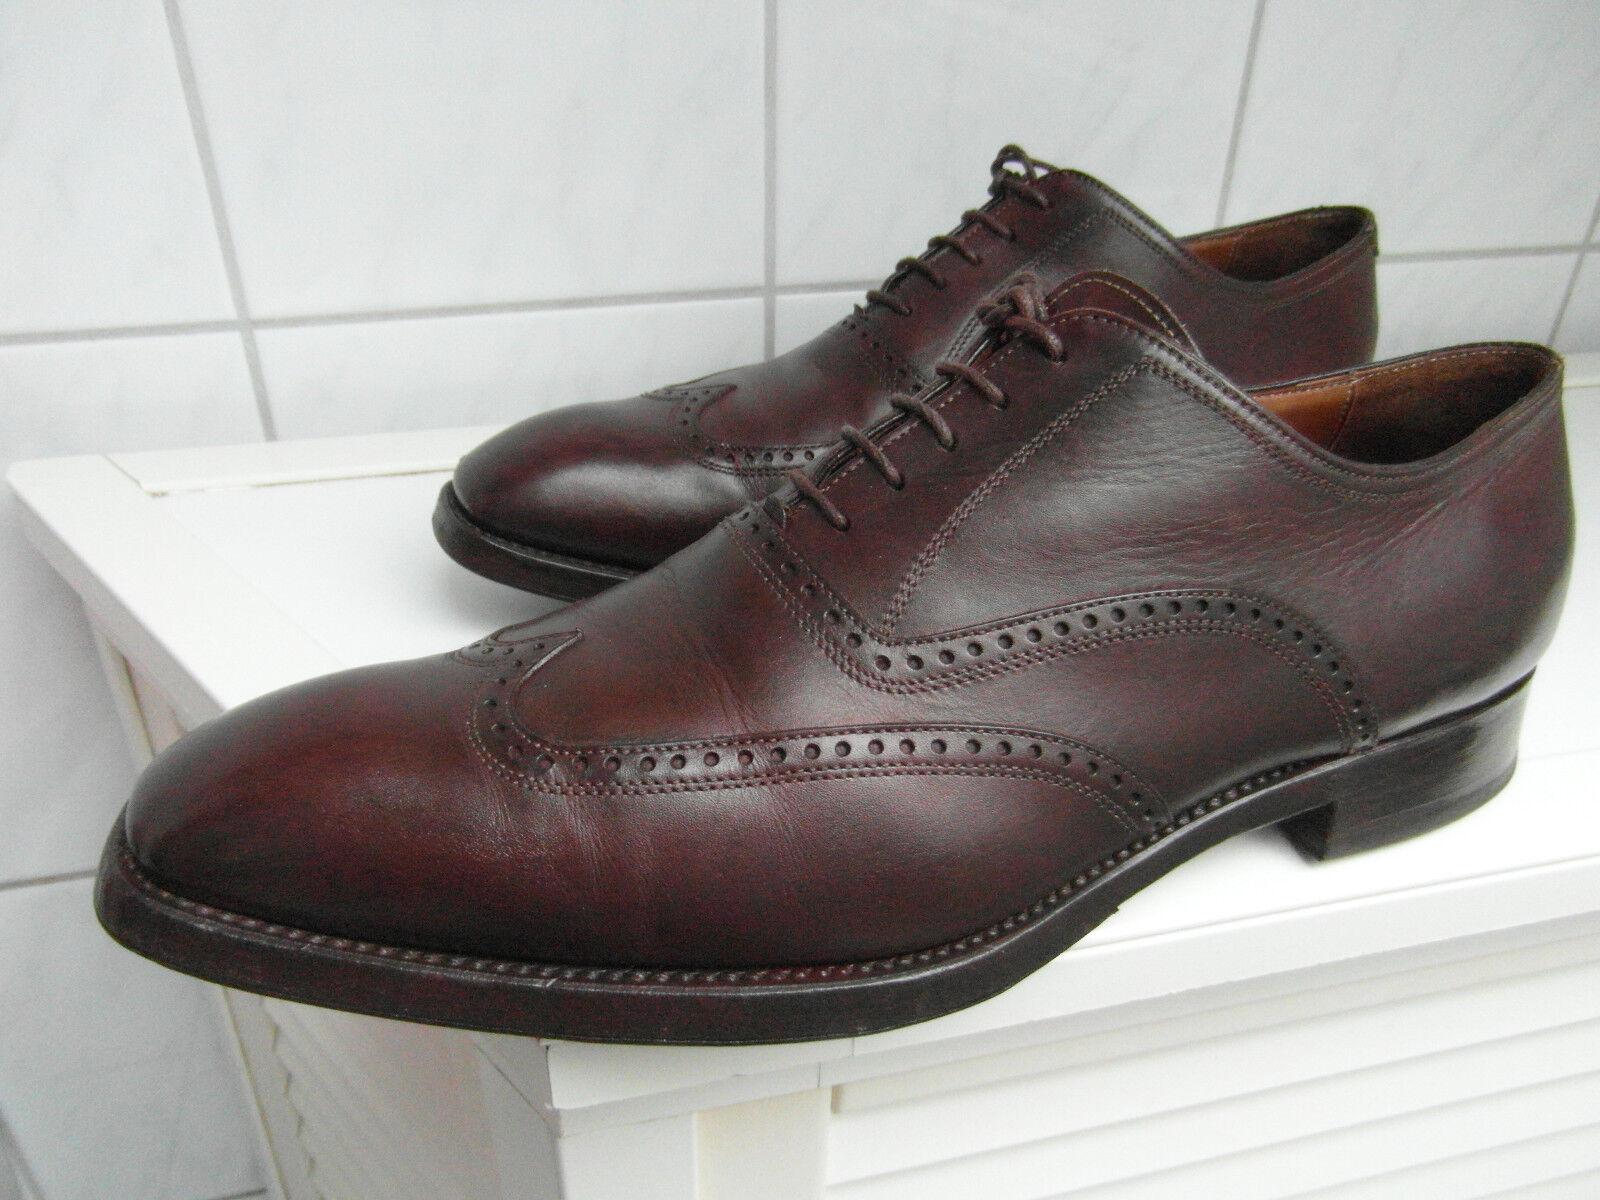 Billig gute Qualität Schuhe von Franceschetti. Gr.43 1/2